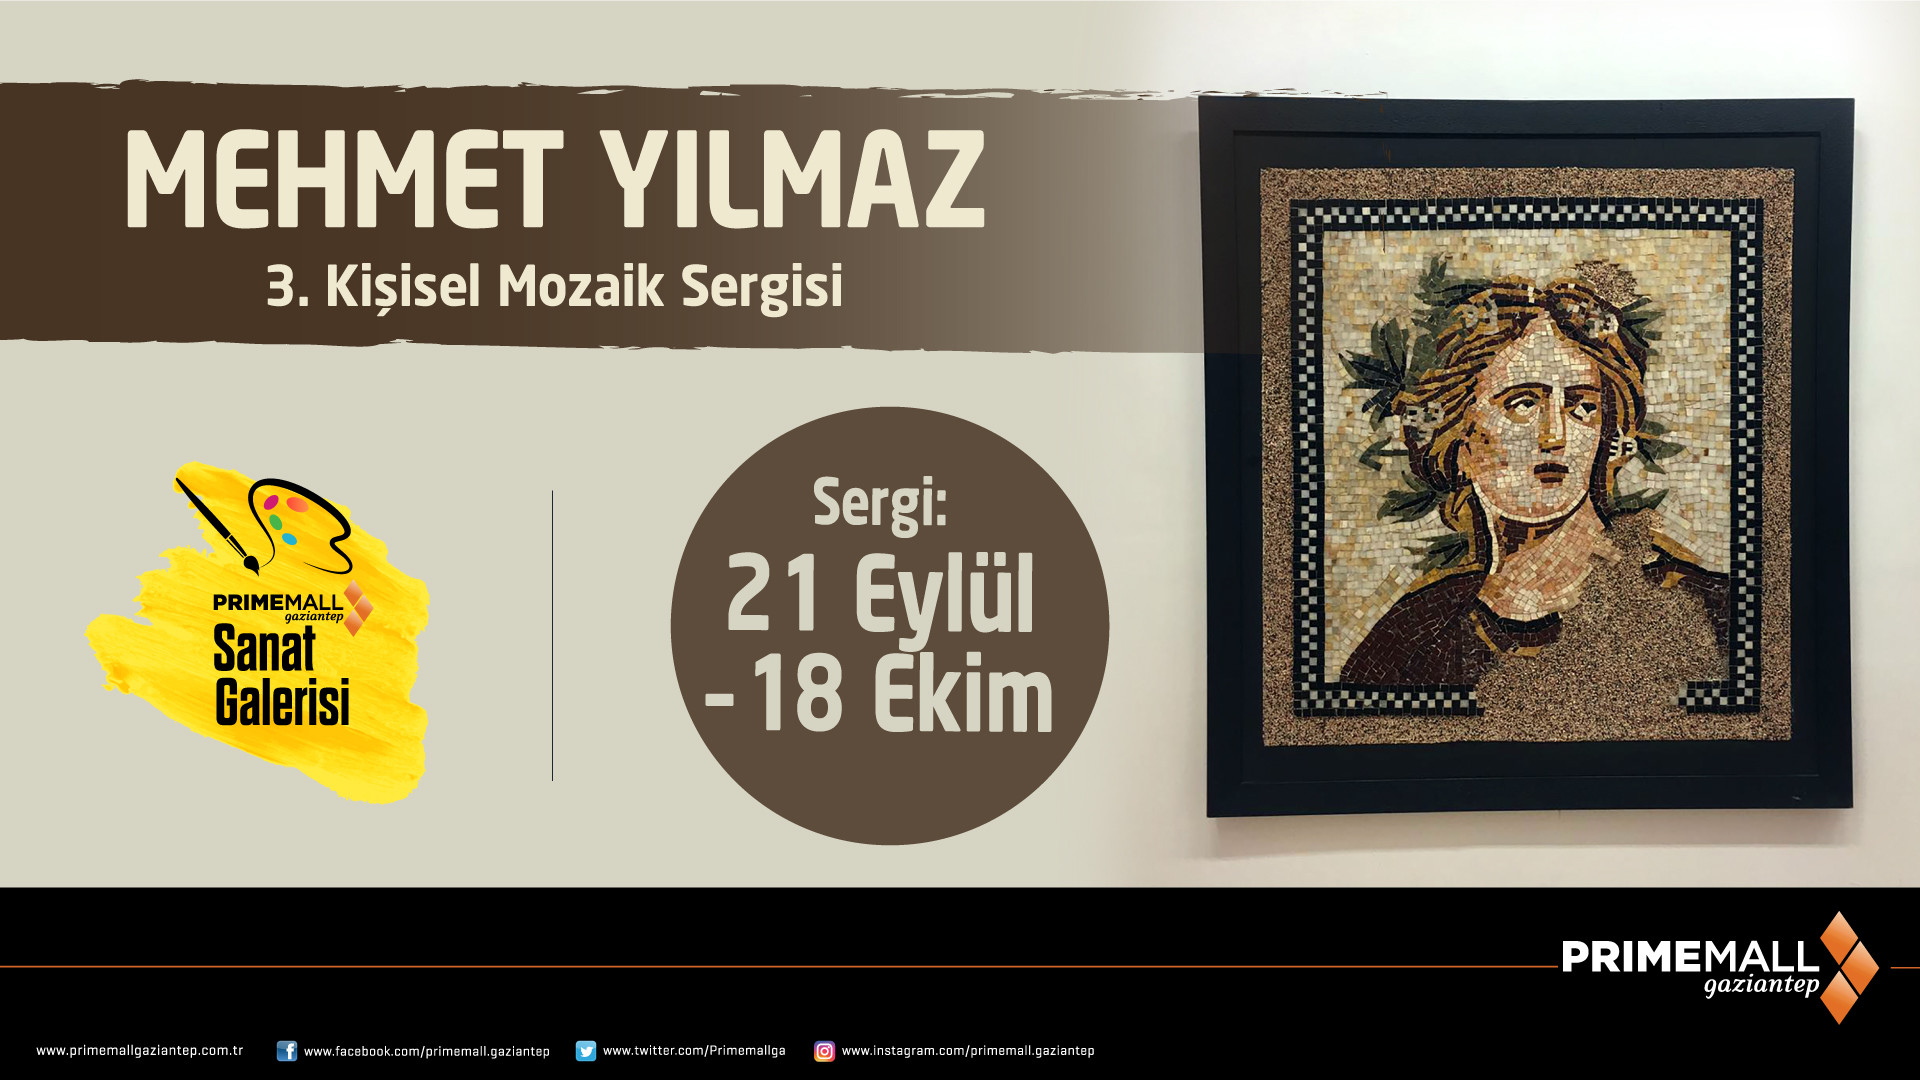 Mehmet Yılmaz 3. Kişisel Mozaik Sergisi